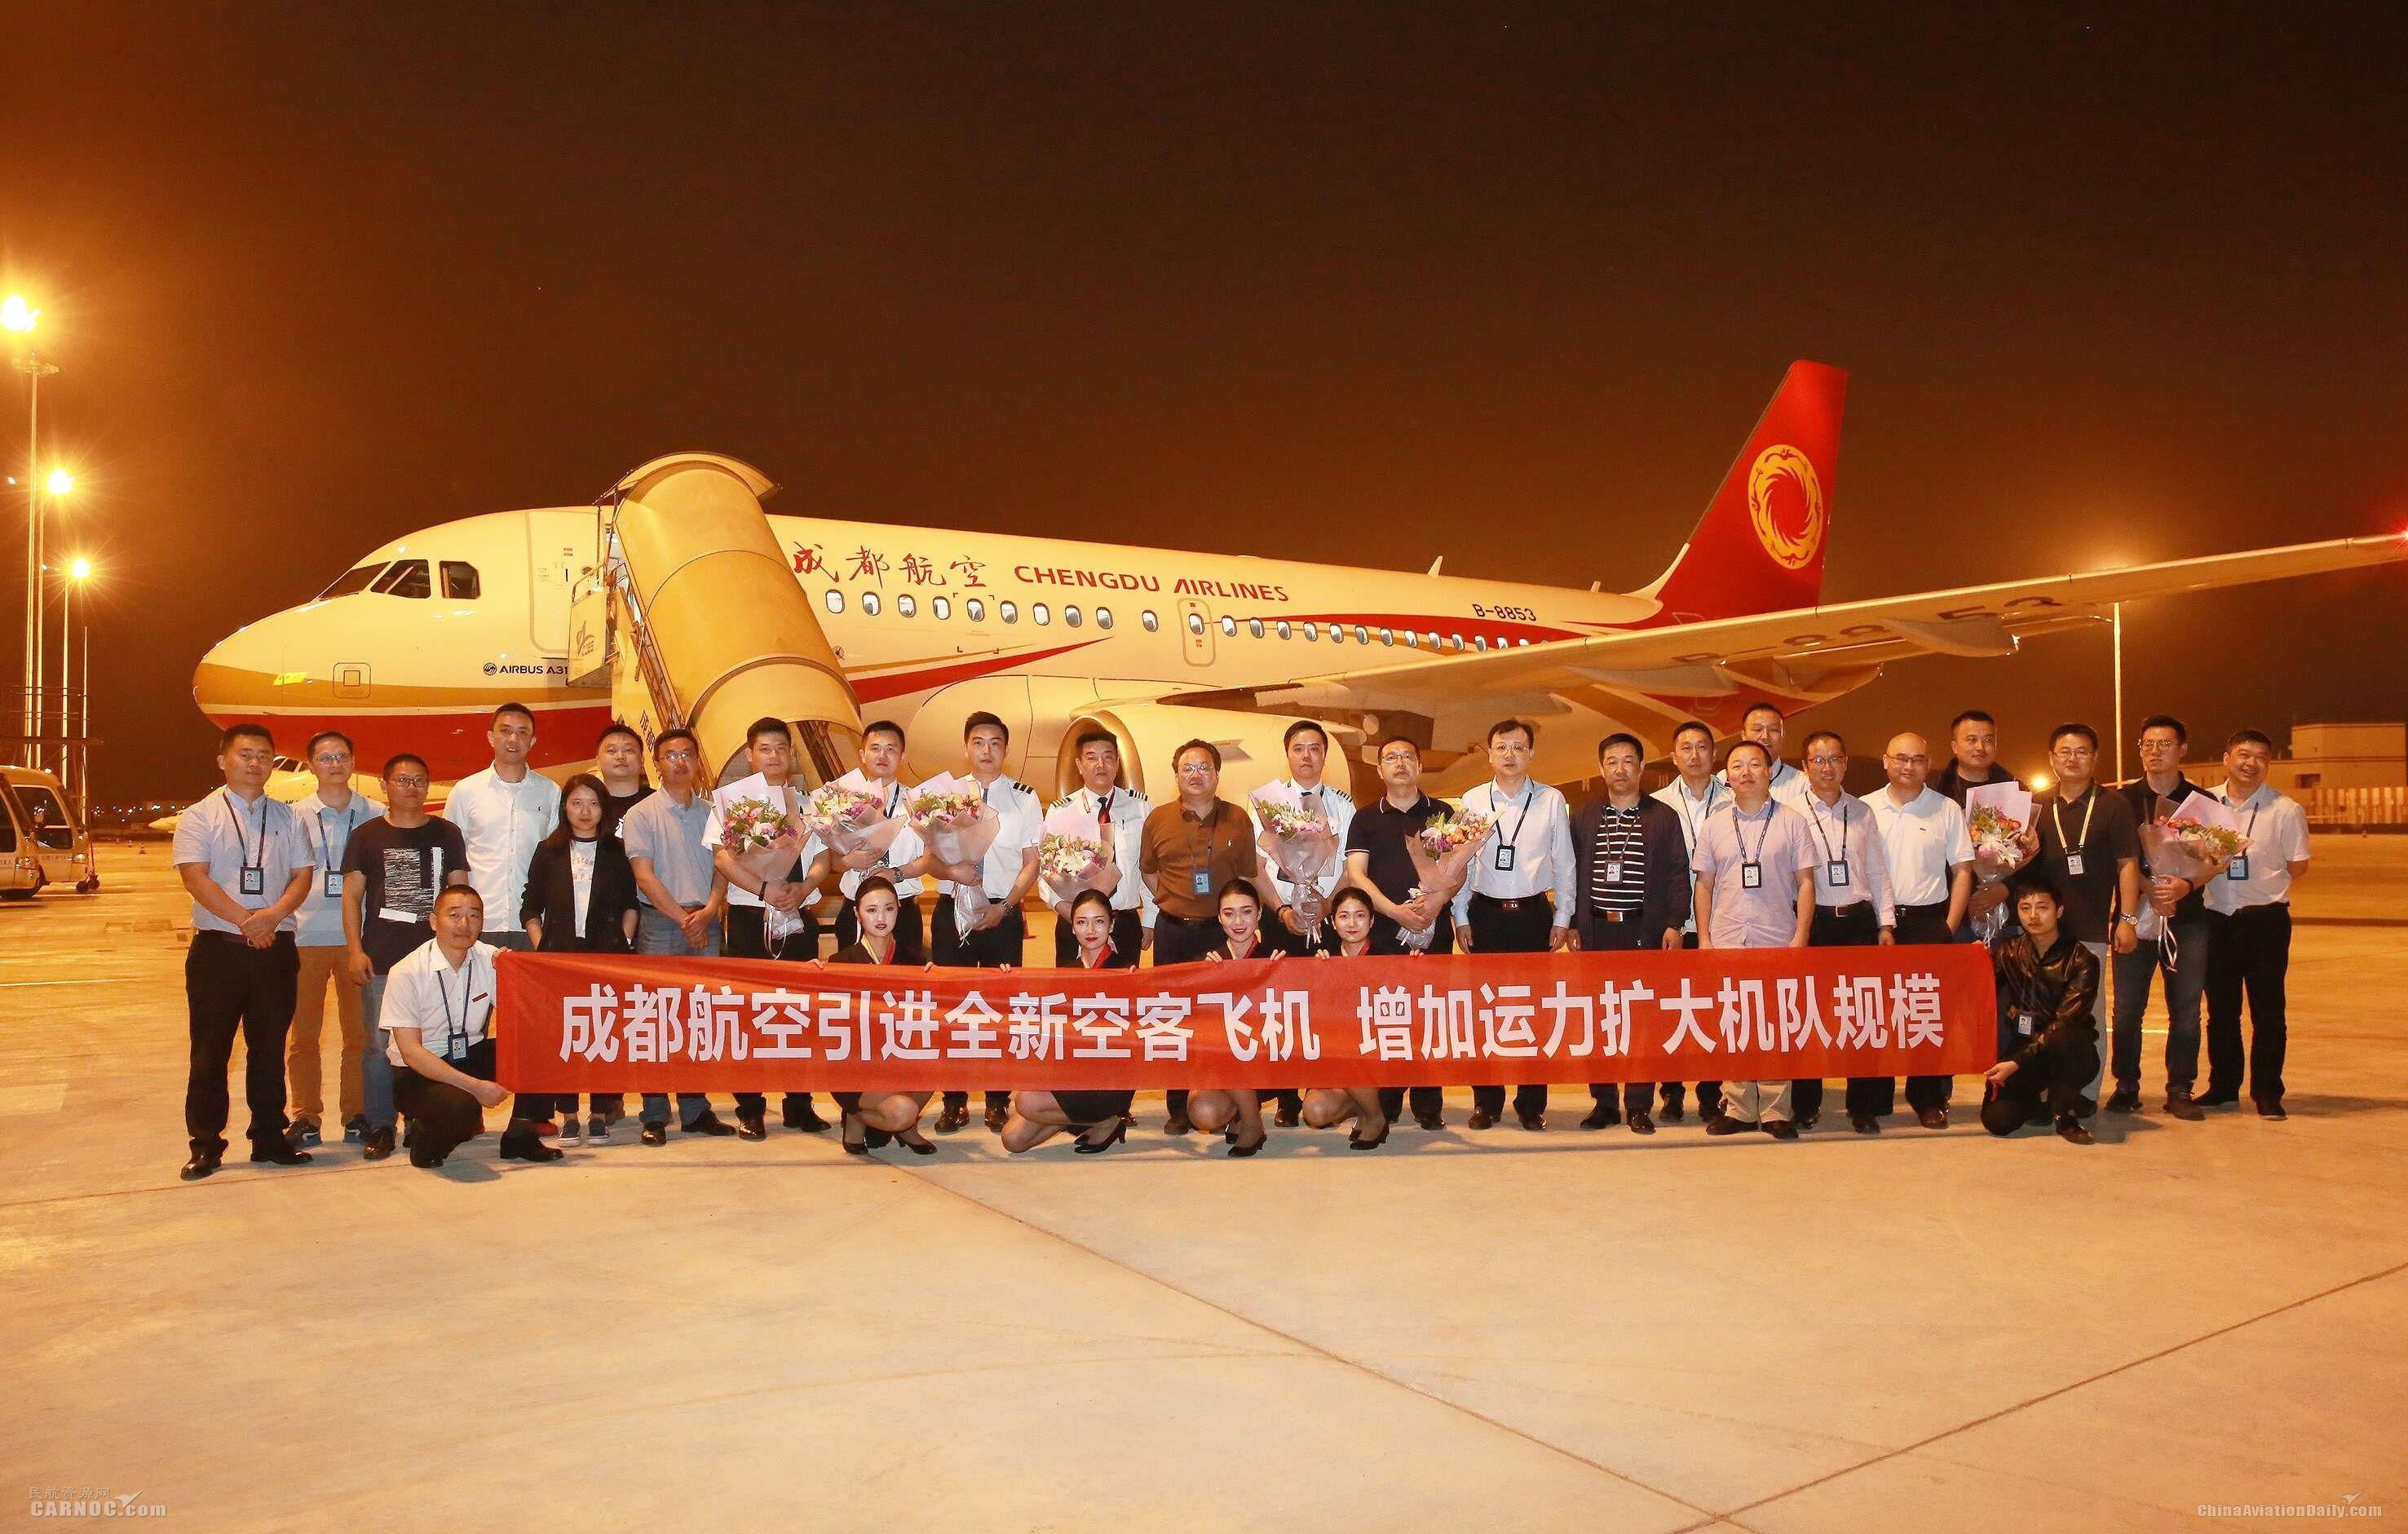 成都航空引进全新空客飞机 机队规模达38架